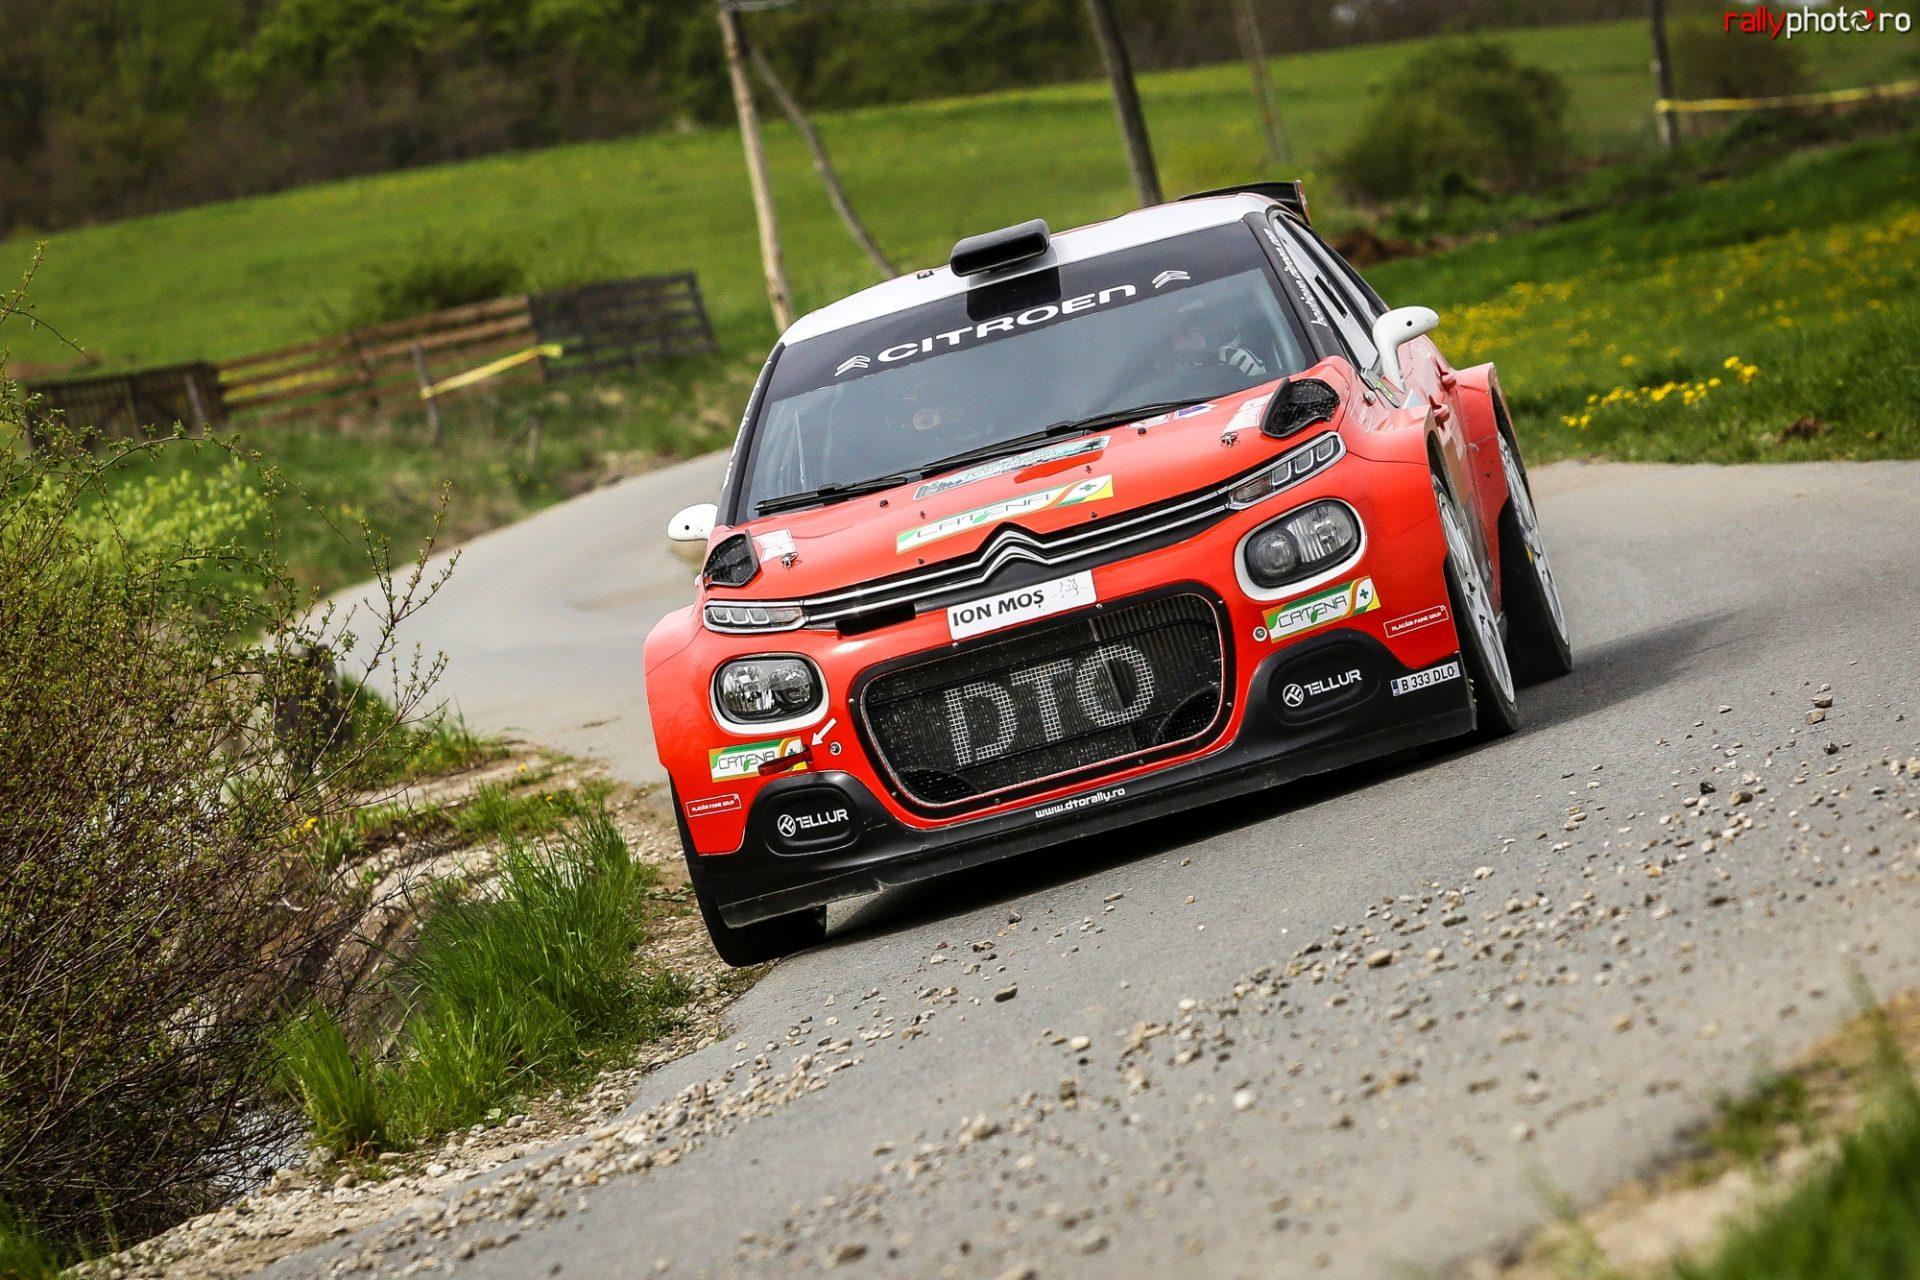 Reușite pentru DTO Rally la Raliul Perla Harghitei 2021